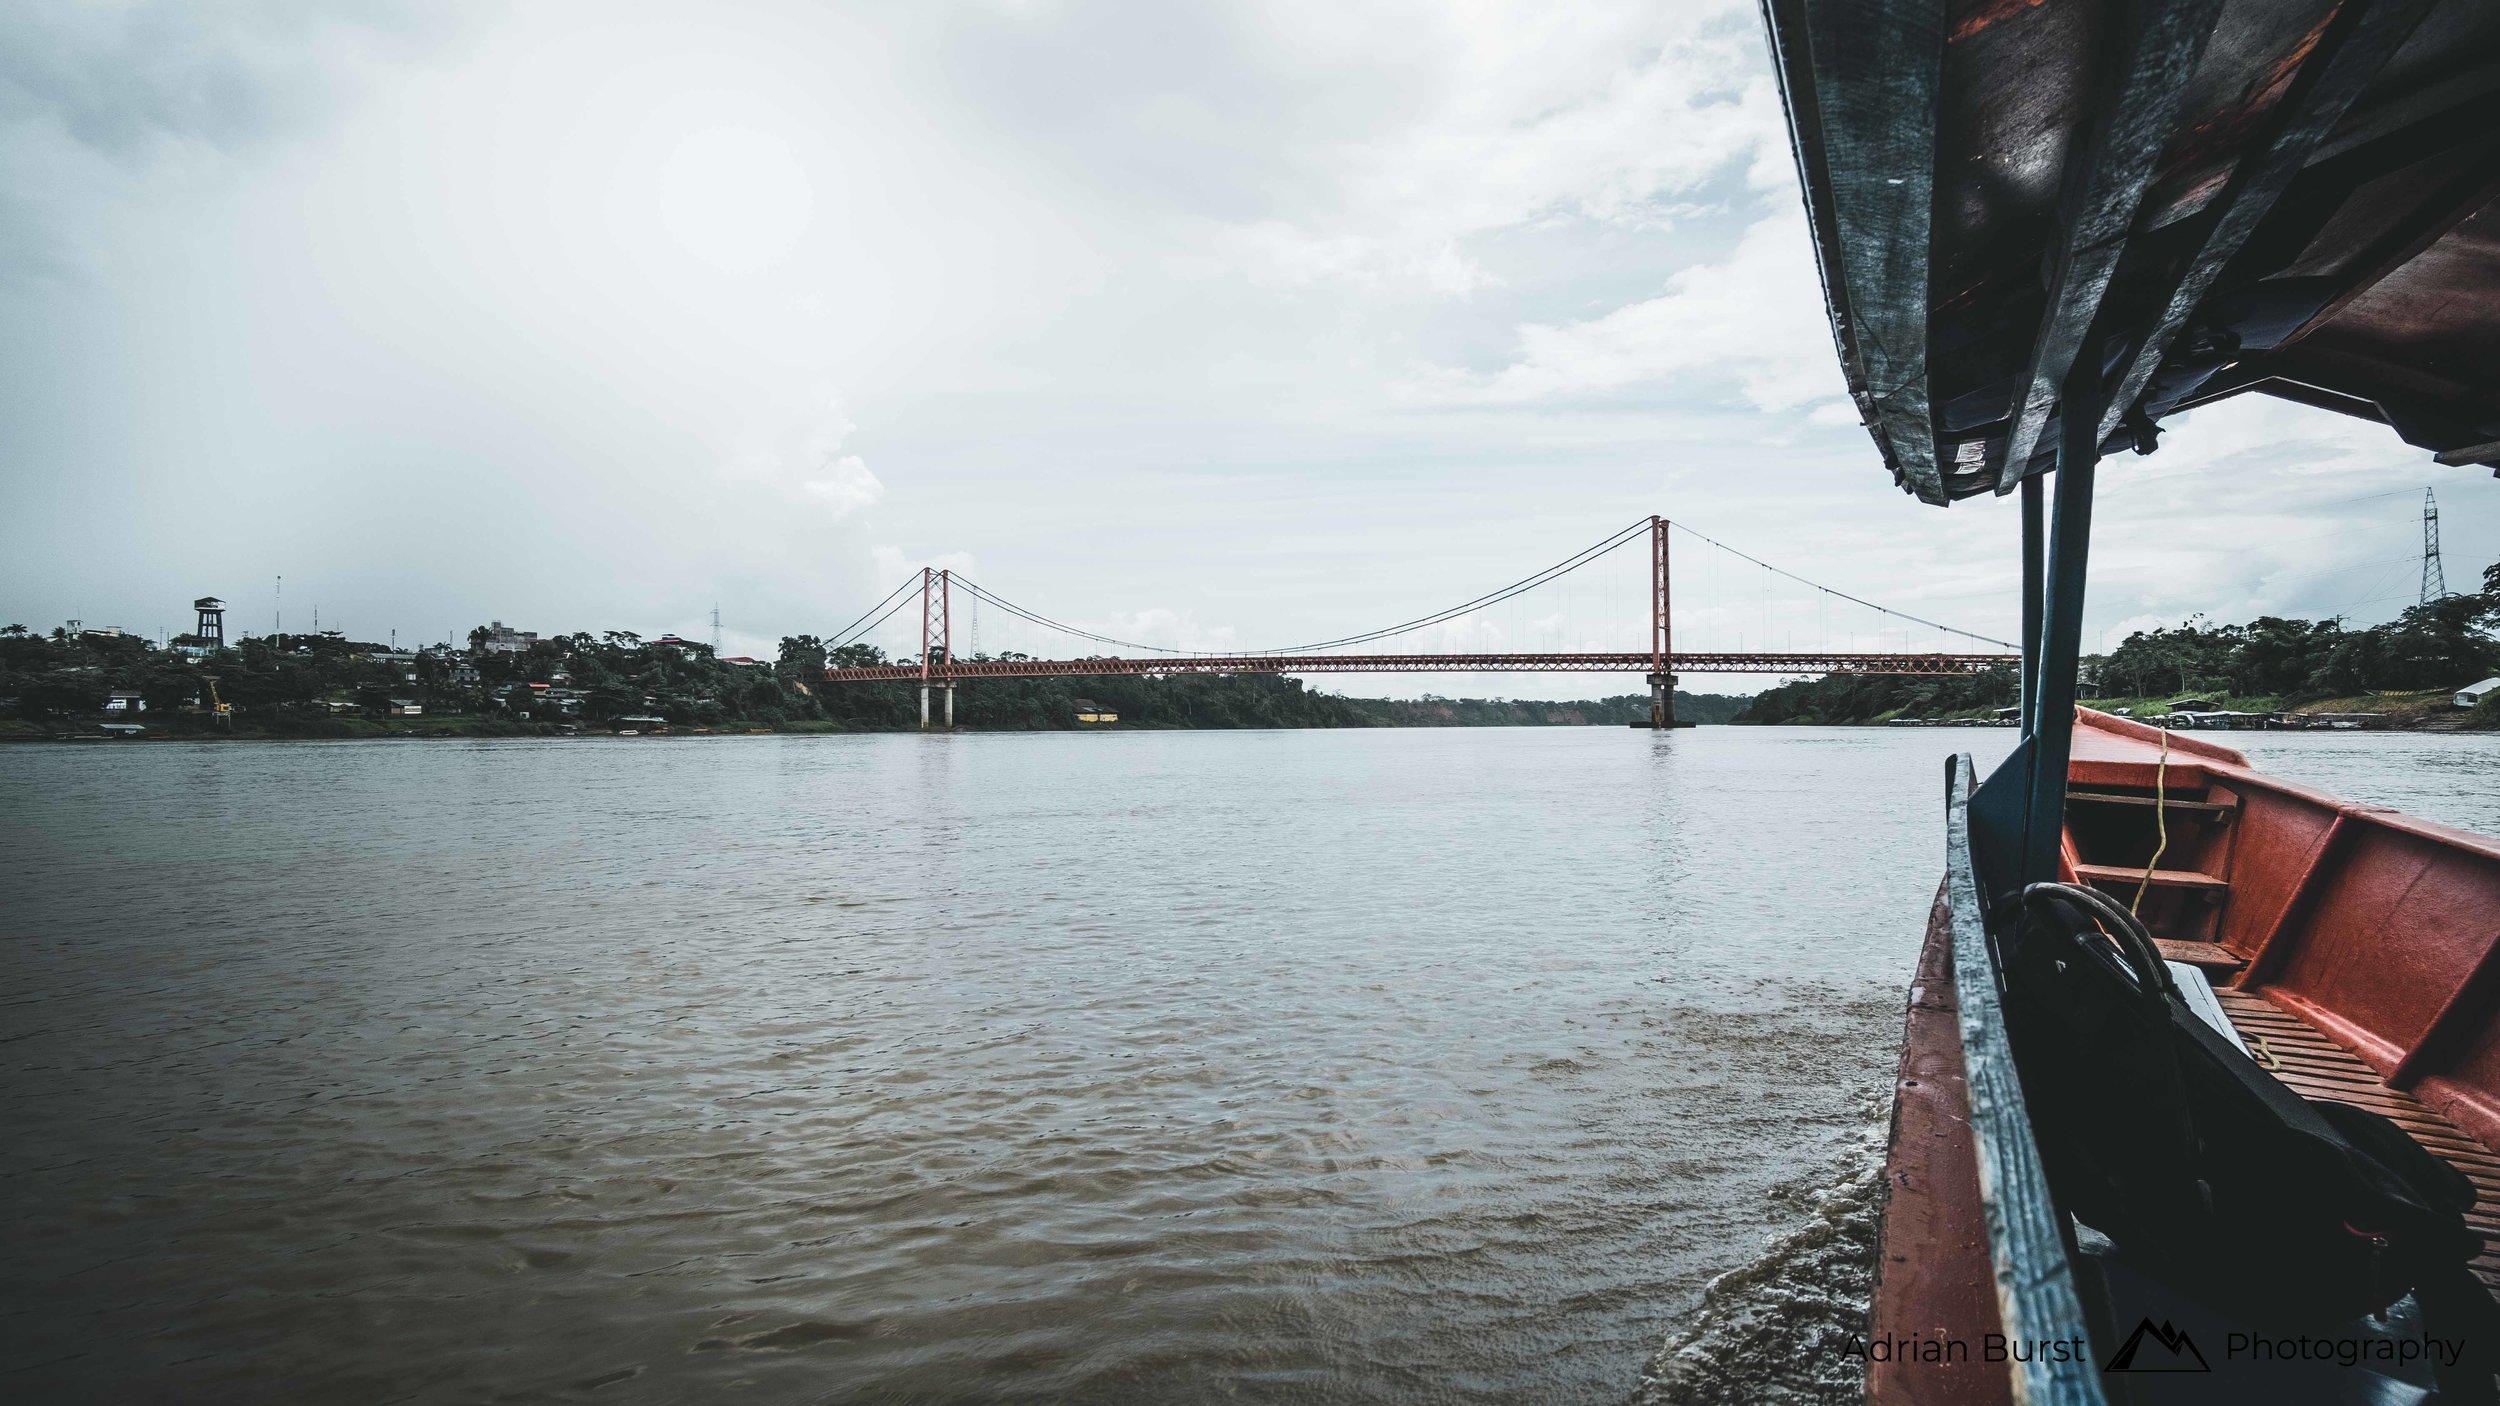 157 | Puerto Maldonado, Madre de Dios river